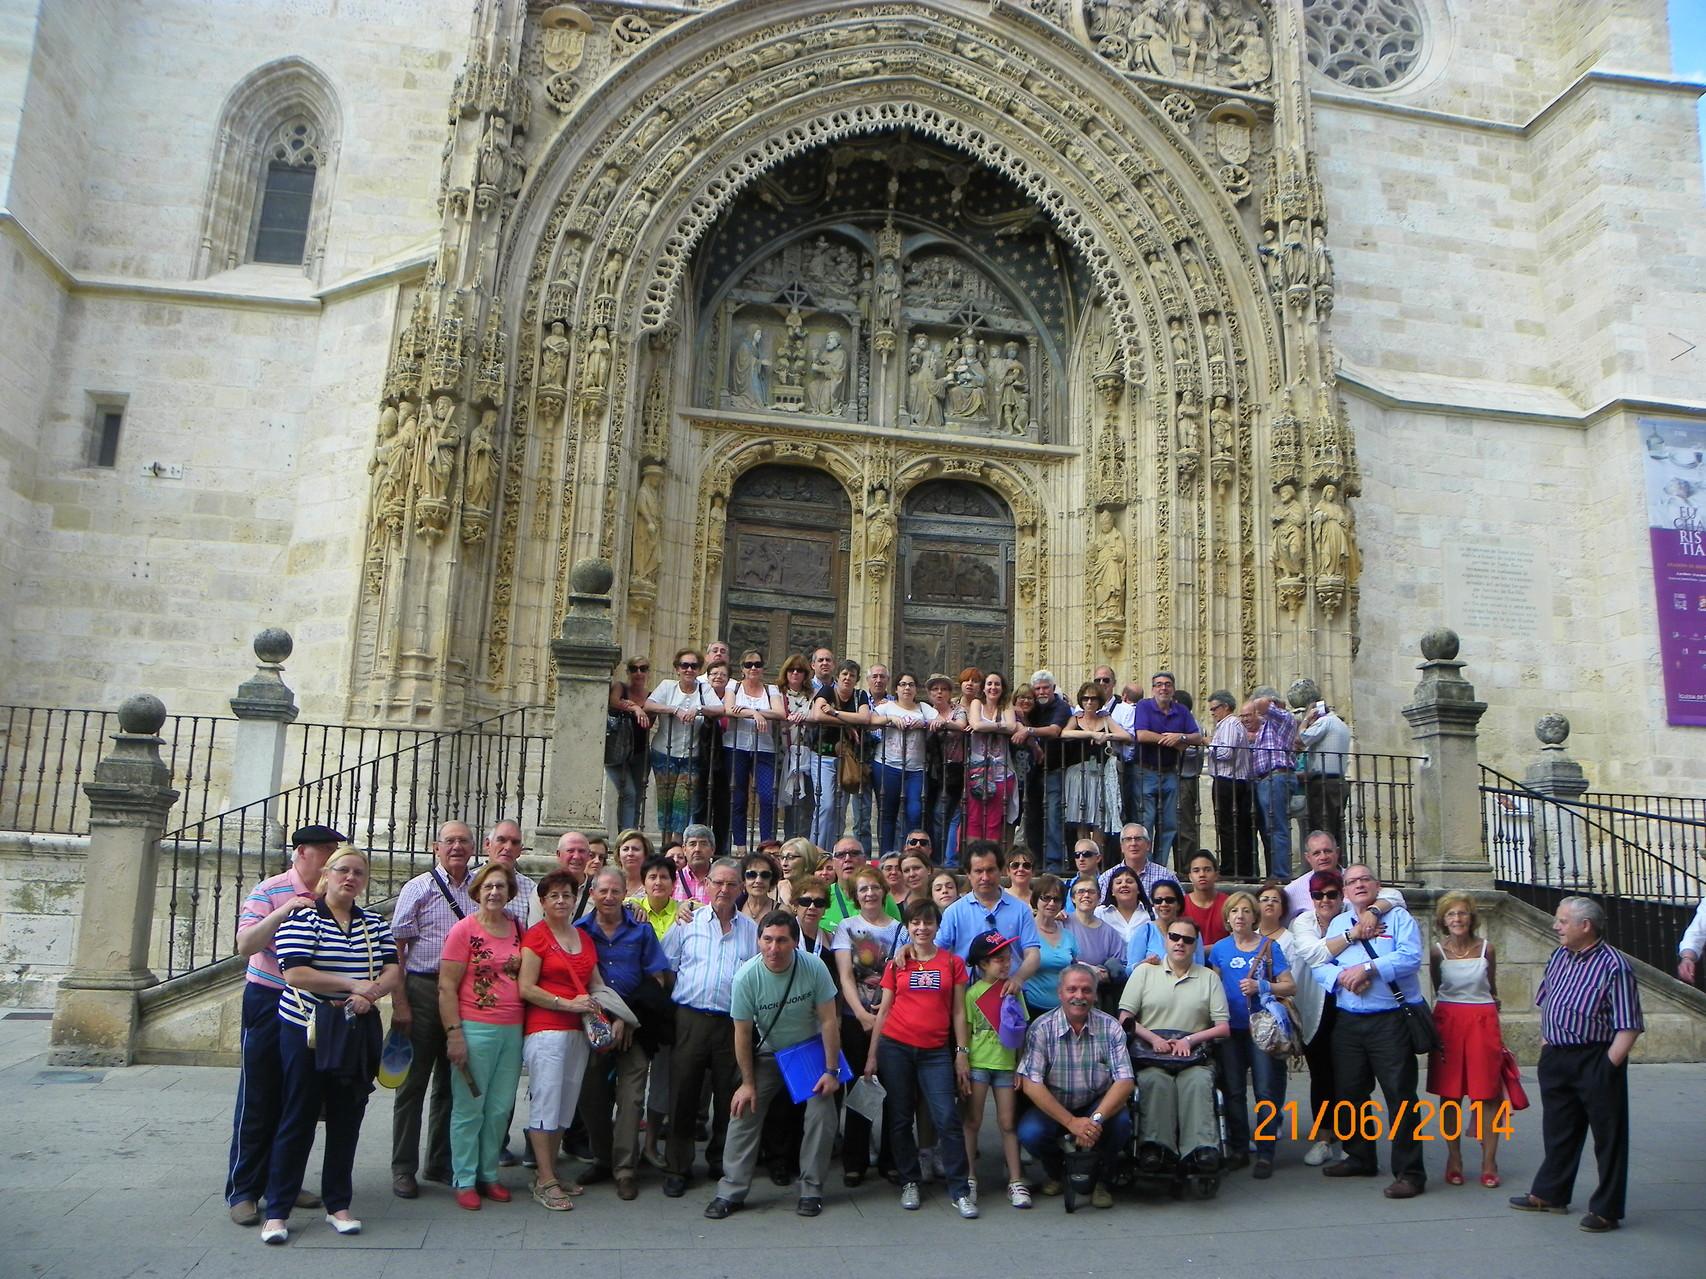 Encuentro-Convivencia de toda la Comunidad en las Edades del Hombre de Aranda de Duero (Burgos)   21 de Junio de 2014